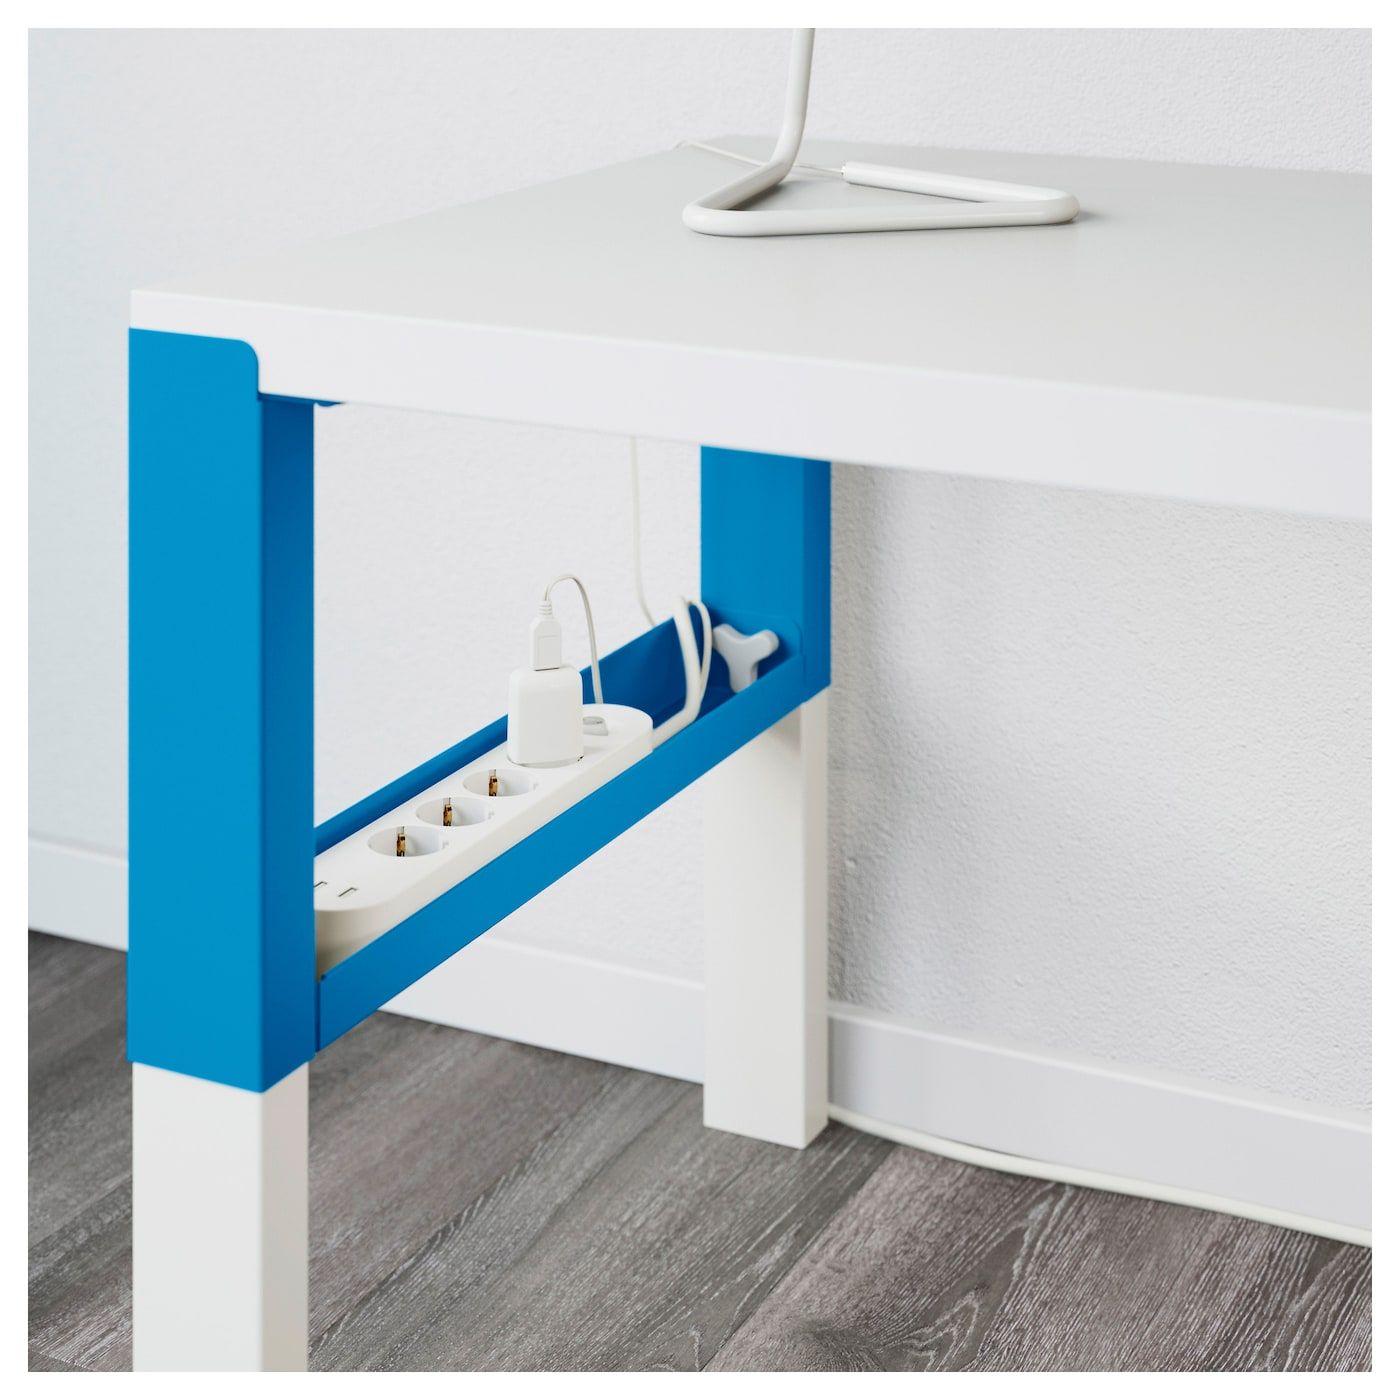 Pahl Schreibtisch Weiss Blau Schreibtisch Aufsatz Schreibtisch Schreibtisch Weiss